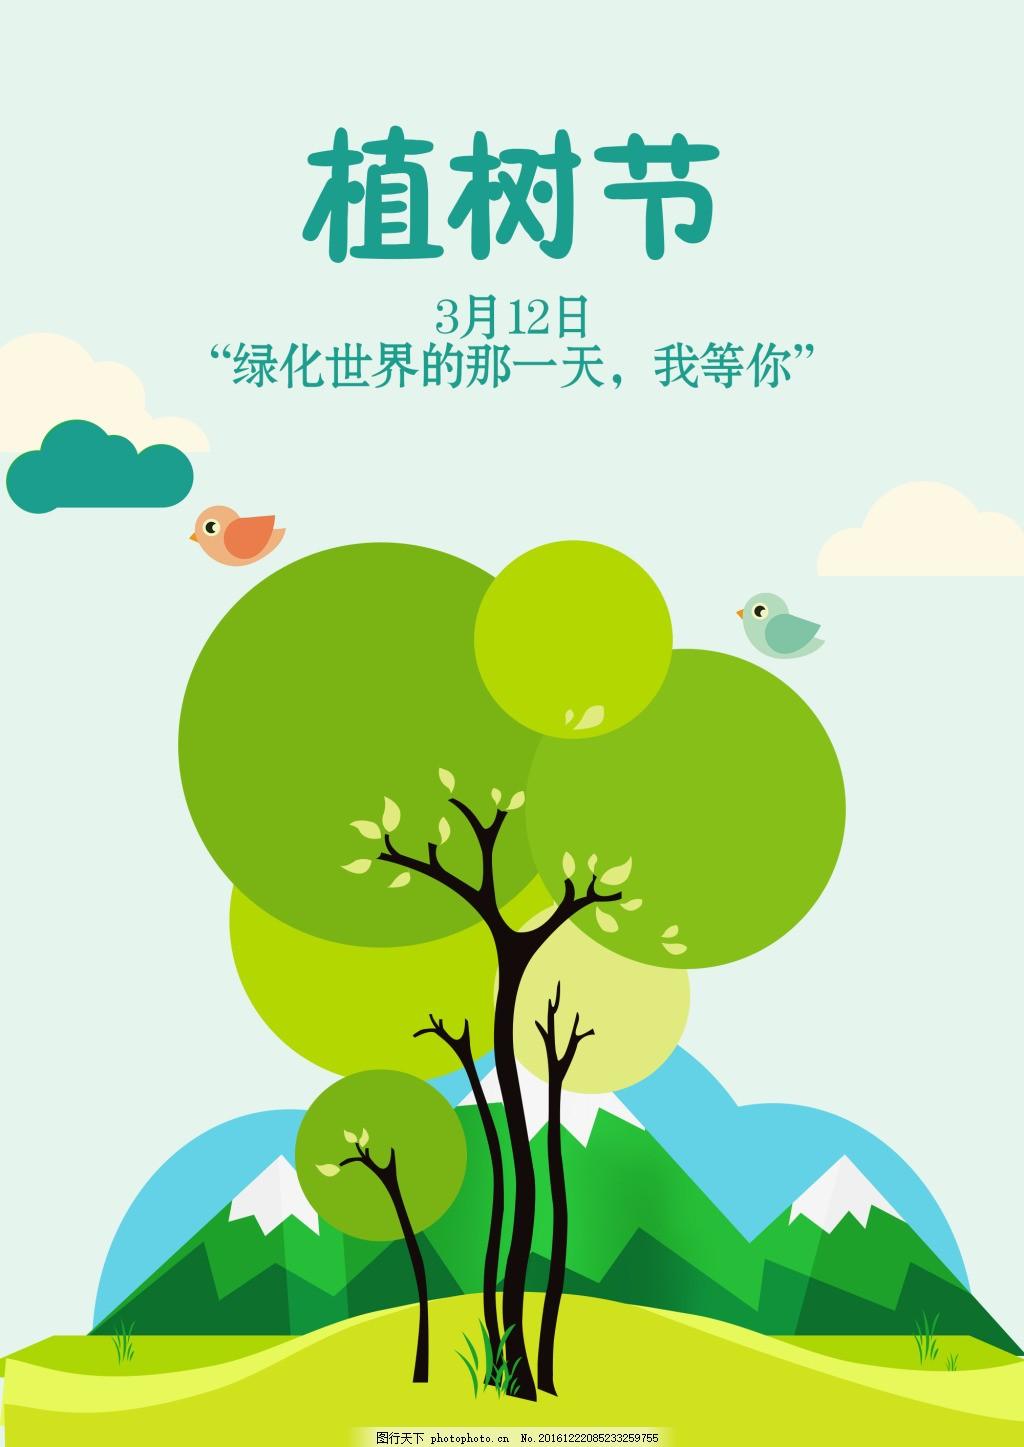 植树节海报 扁平化 插画 环境 卡通 绿色 手绘